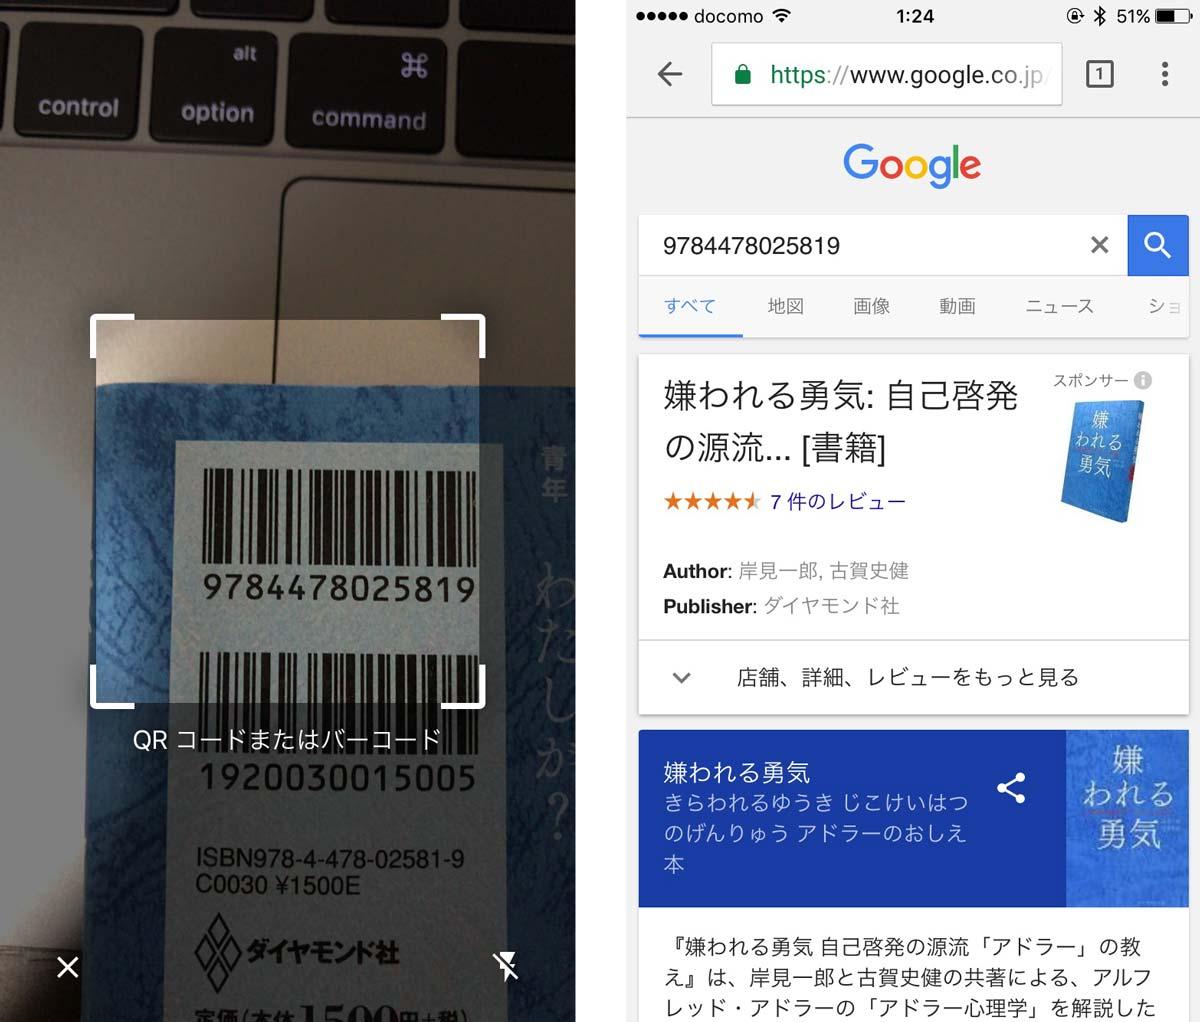 Google Chromeでバーコードスキャン